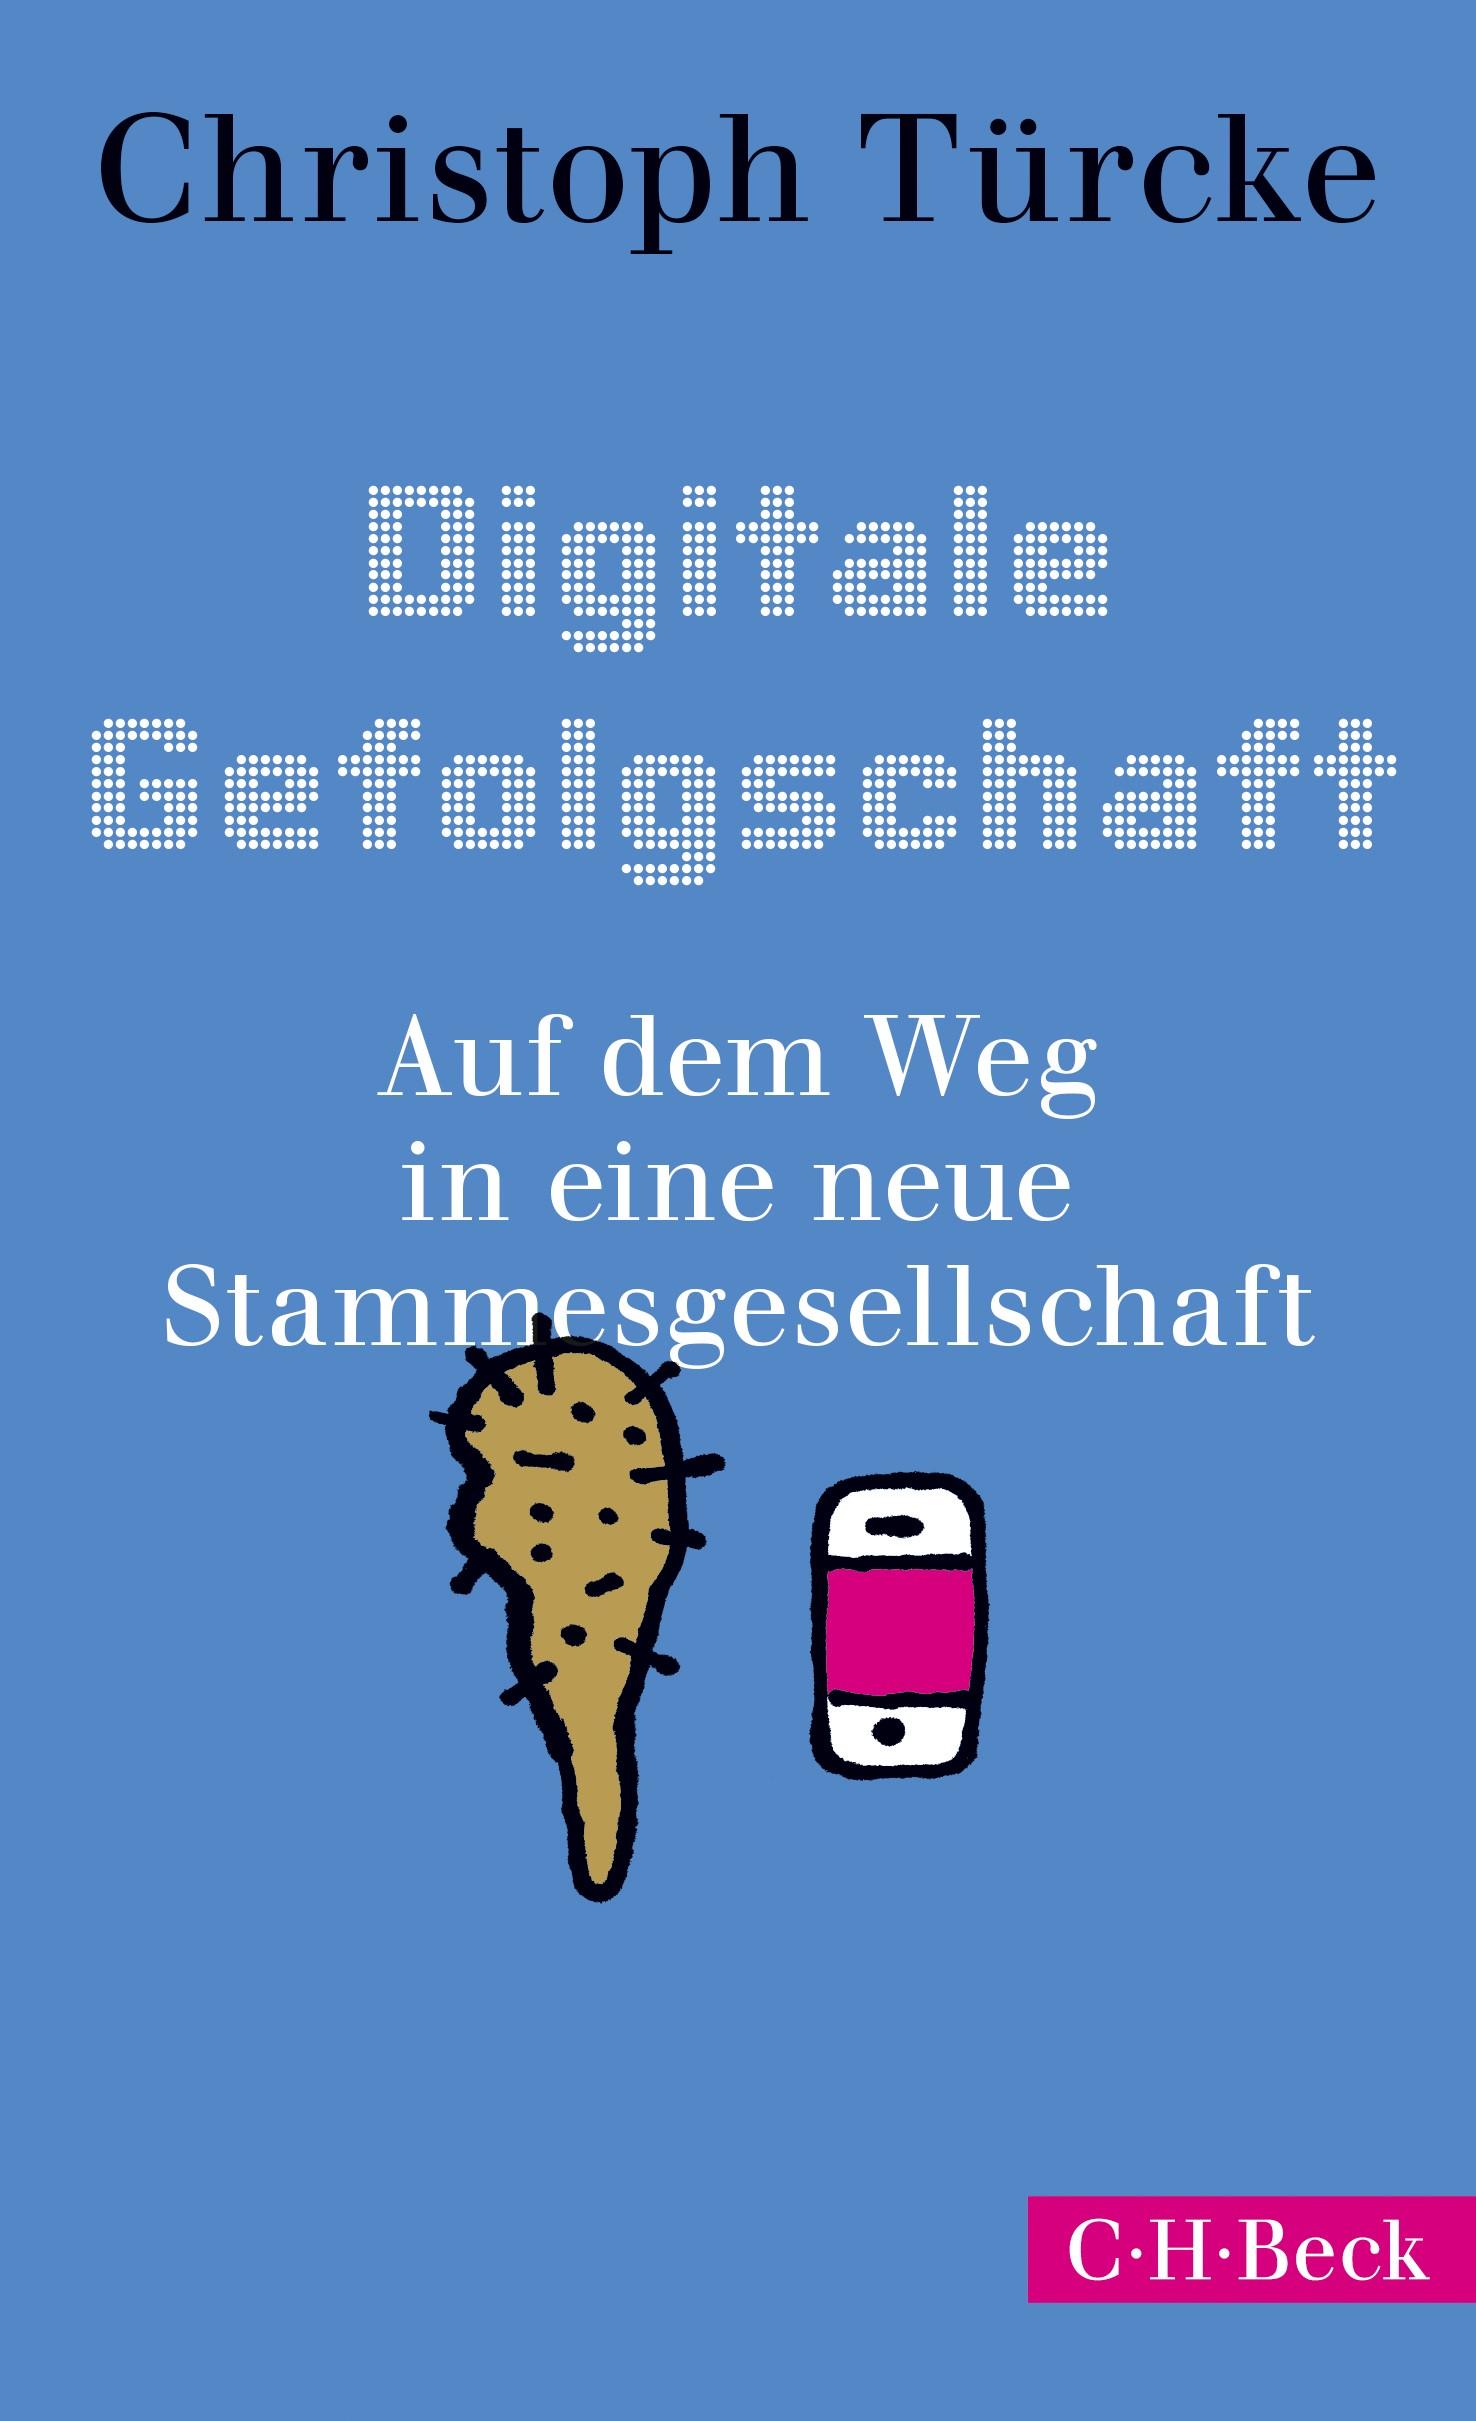 Digitale Gefolgschaft | Türcke, Christoph, 2019 | Buch (Cover)